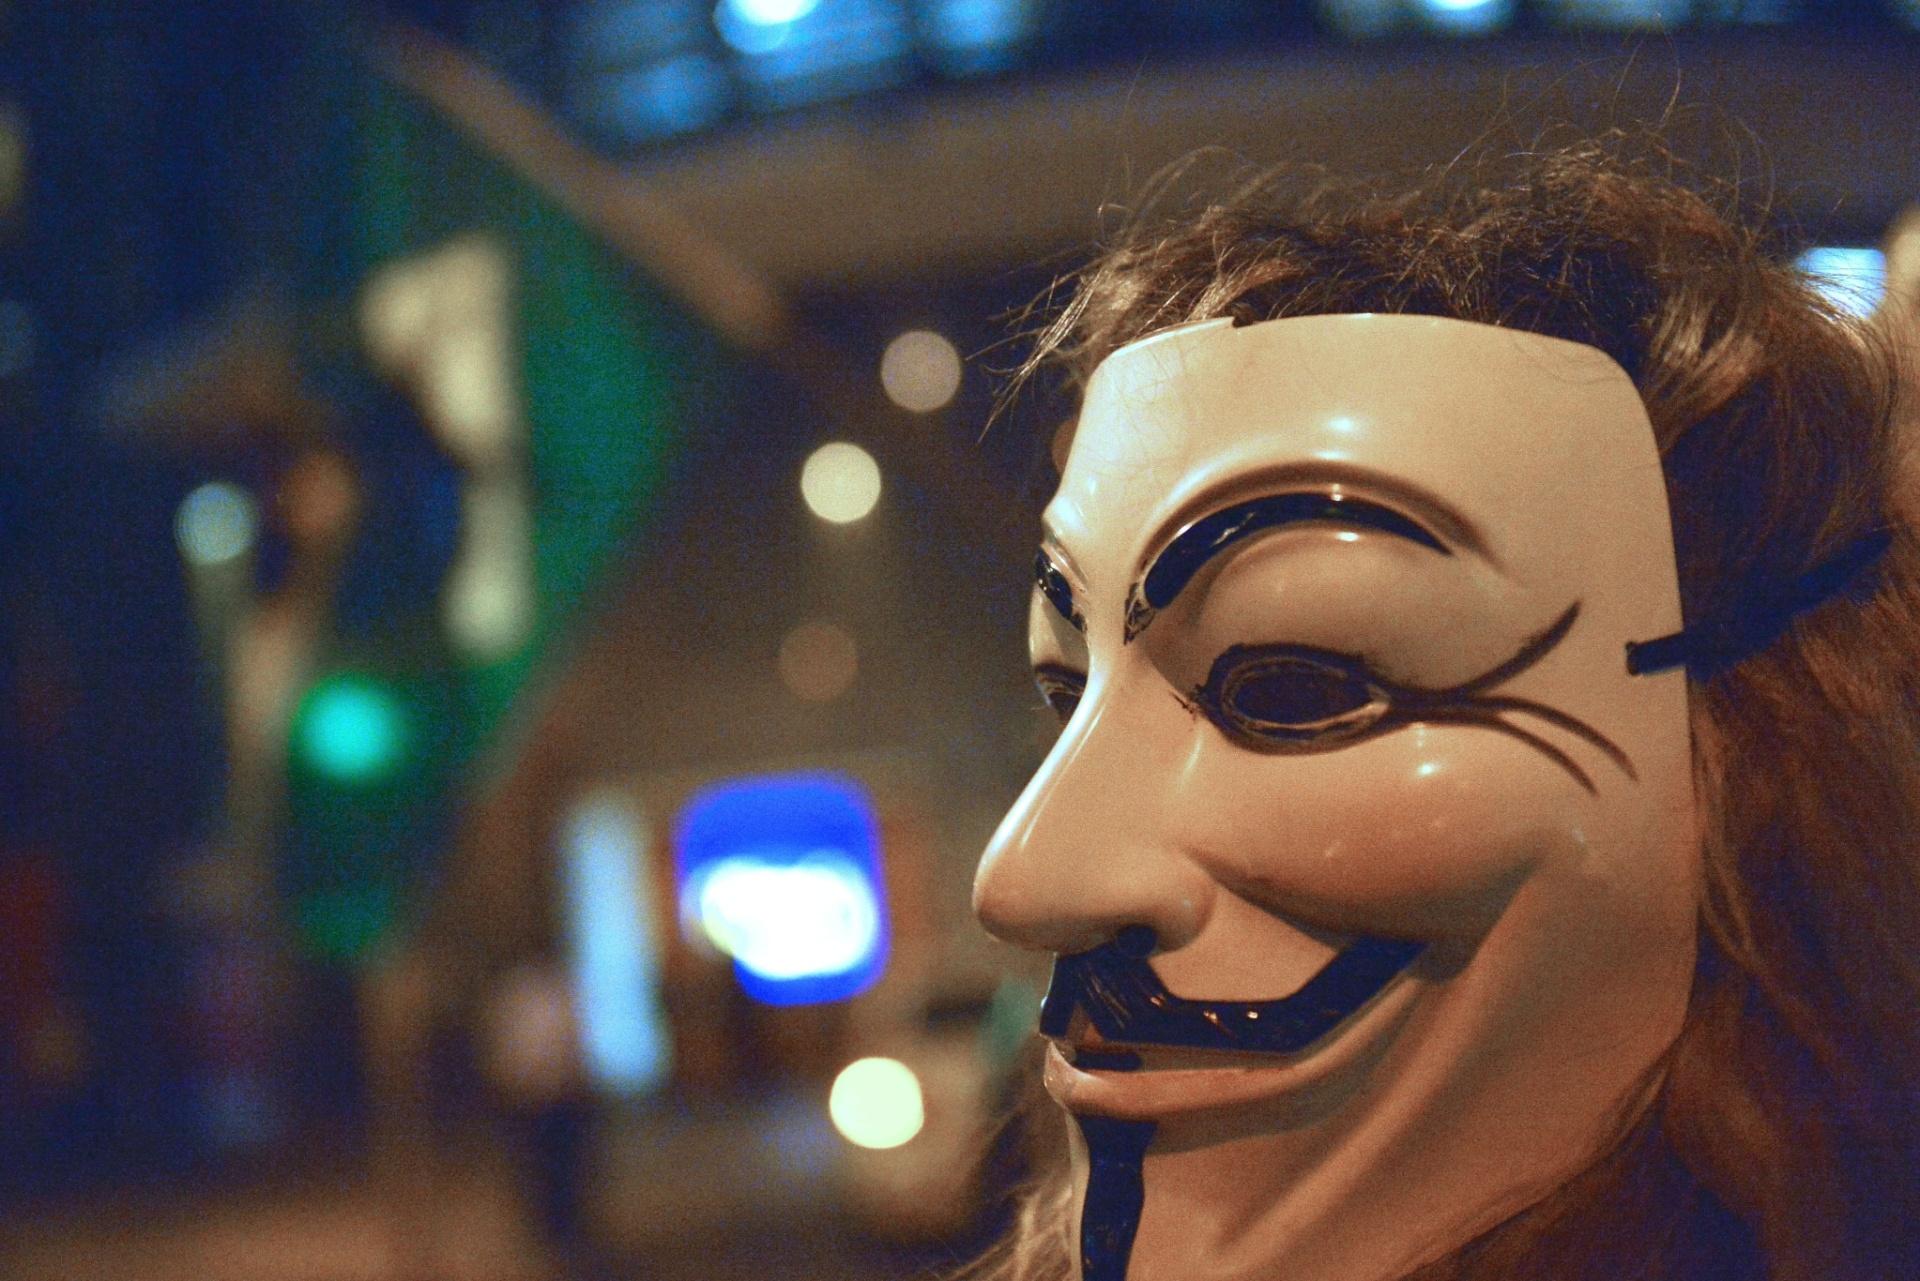 5.nov.2013 - Um manifestante usa máscara de Guy Fawkes durante protesto pelo Dia Mundial de Guy Fawkes, no Rio de Janeiro, nesta terça-feira (5). A manifestação foi convocada pelos grupos Anonymous e Black Bloc através das redes sociais, que nomearam o movimento como Dia Mundial da Resistência e Rebelião Popular. Guy Fawkes e outros revolucionários católicos foram condenados à morte após uma tentativa fracassada, em 5 de novembro de 1605, de explodir Parlamento inglês e tomar o poder na Inglaterra